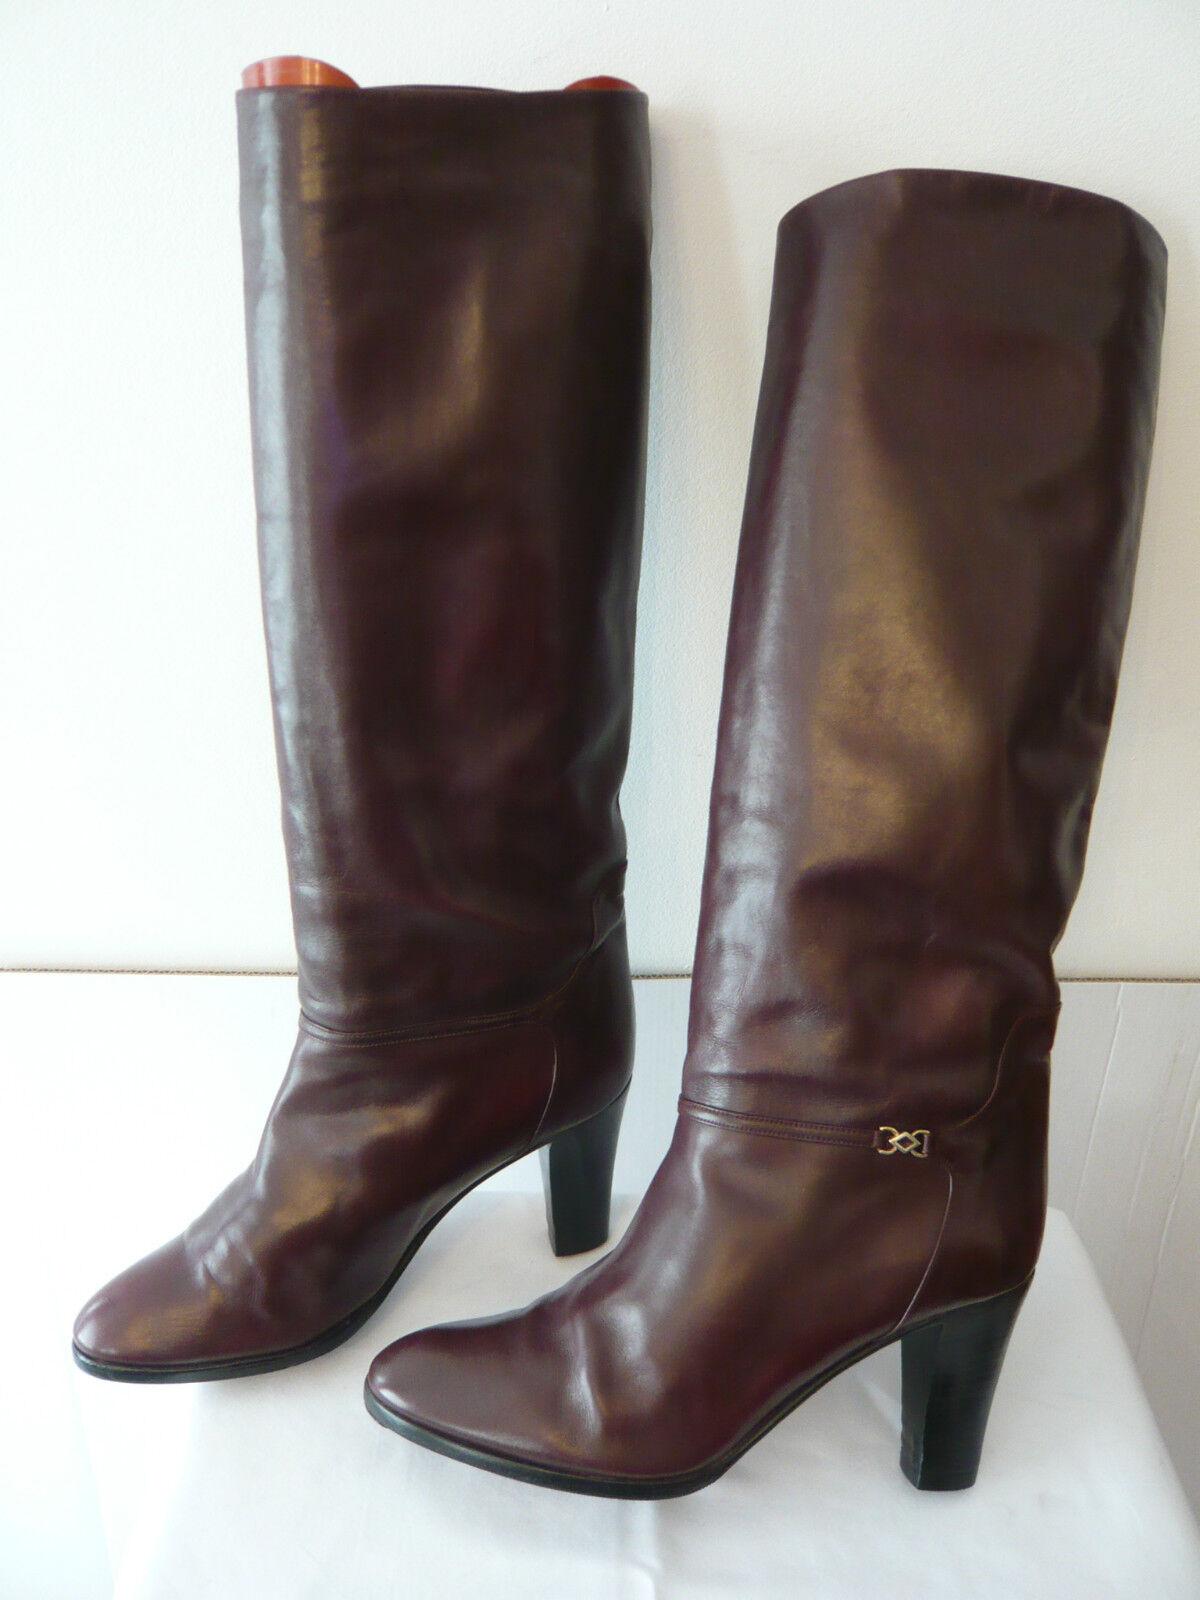 Boots Vintage  Bordeaux dark  - - - MARMOLADA  (A) T.39,5 1b8a23